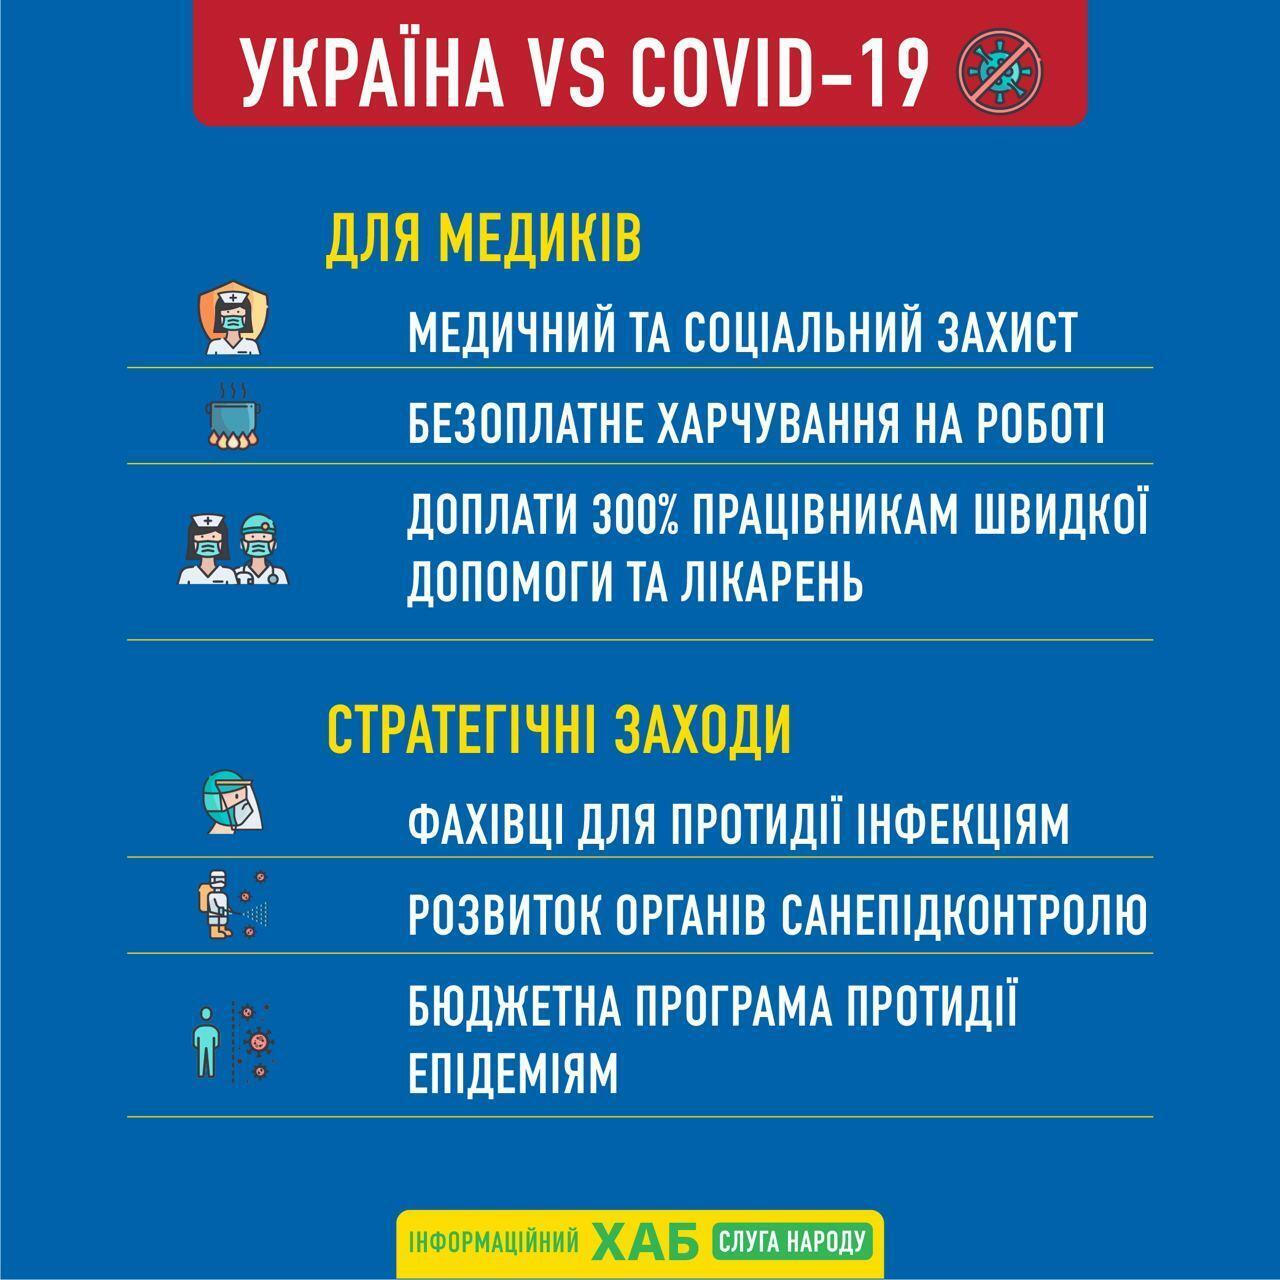 Инфографика по задачам штаба